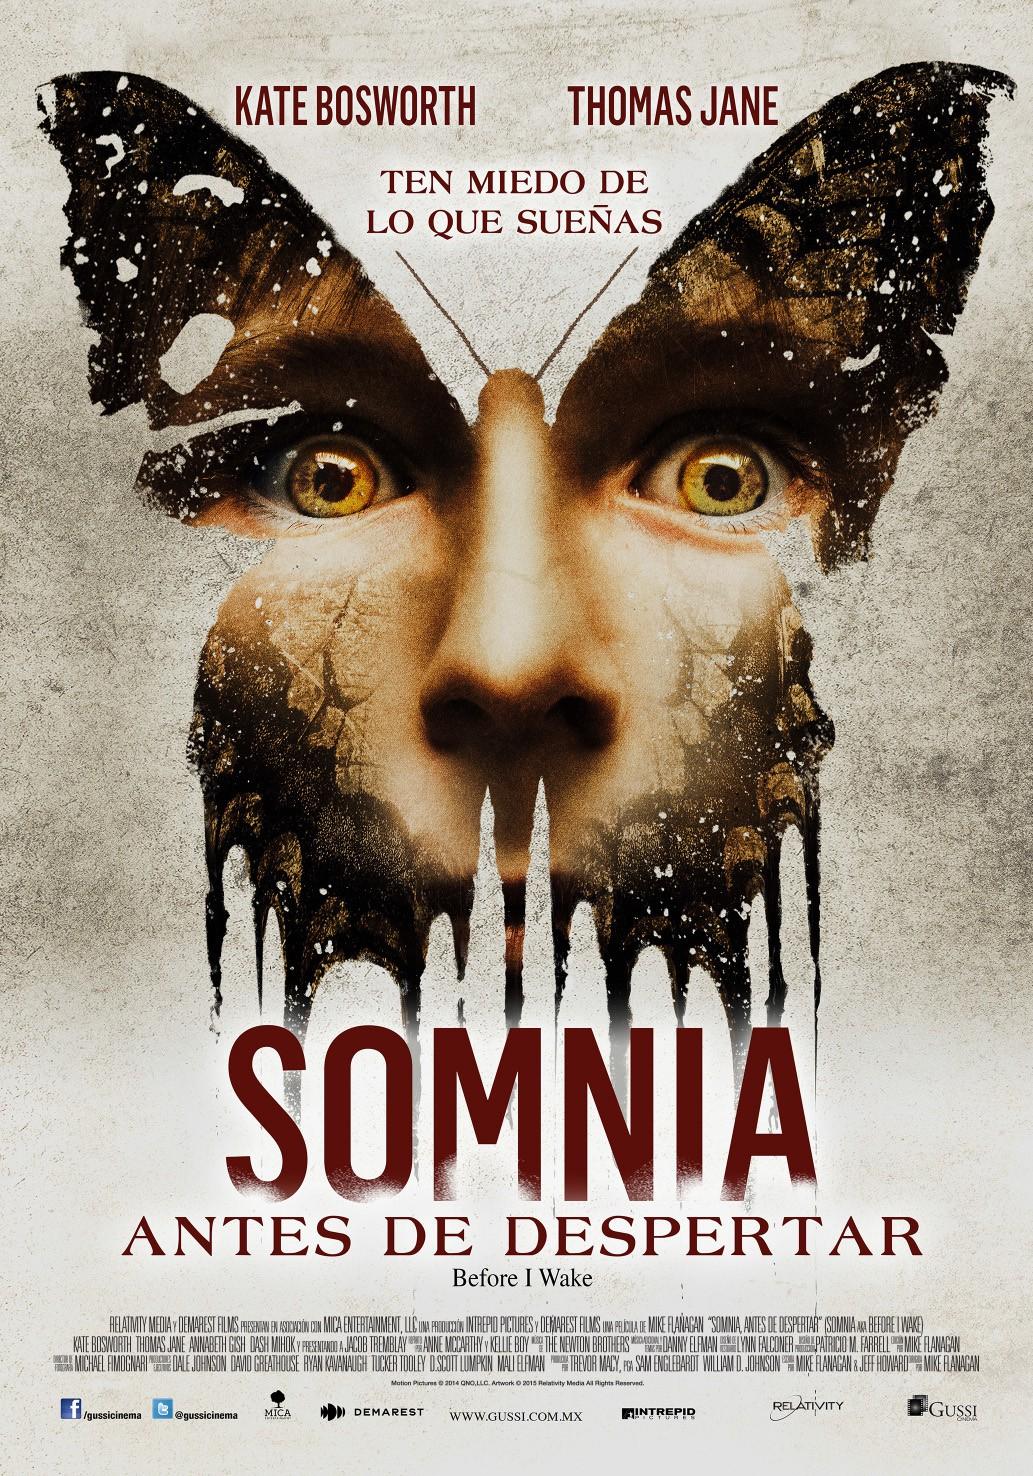 Somnia: Antes de despertar (Before I Wake) thriller sobrenatural algo estimulante – Cine y TV – Cine3